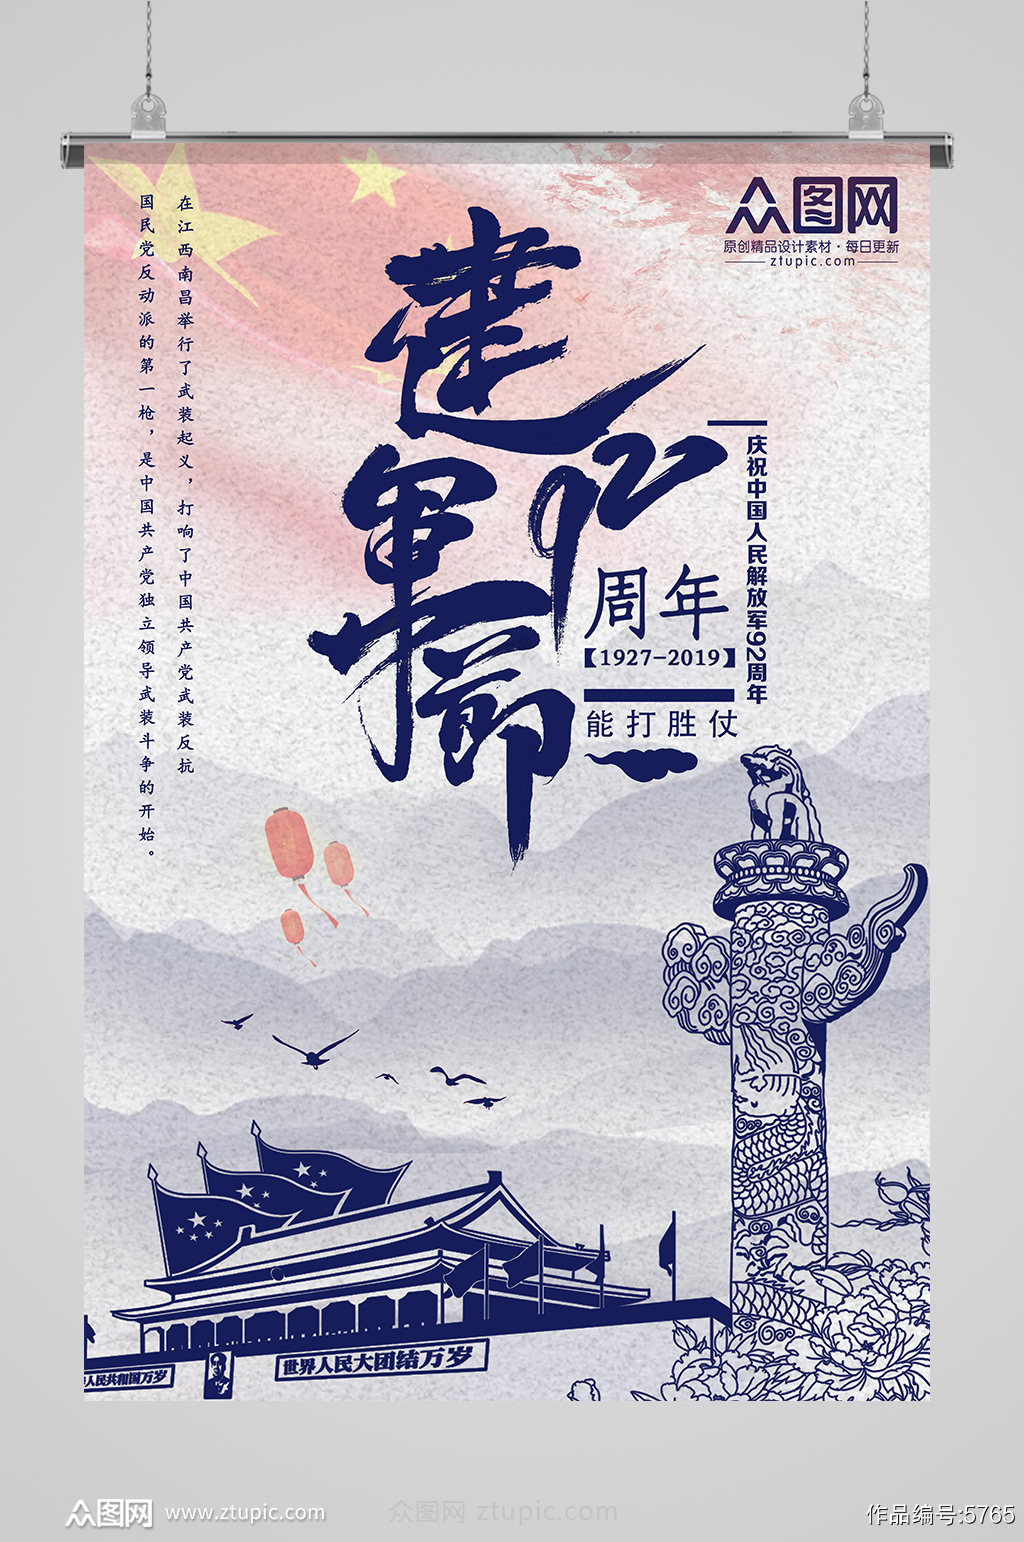 原创建军92周年八一建军节主题宣传海报素材